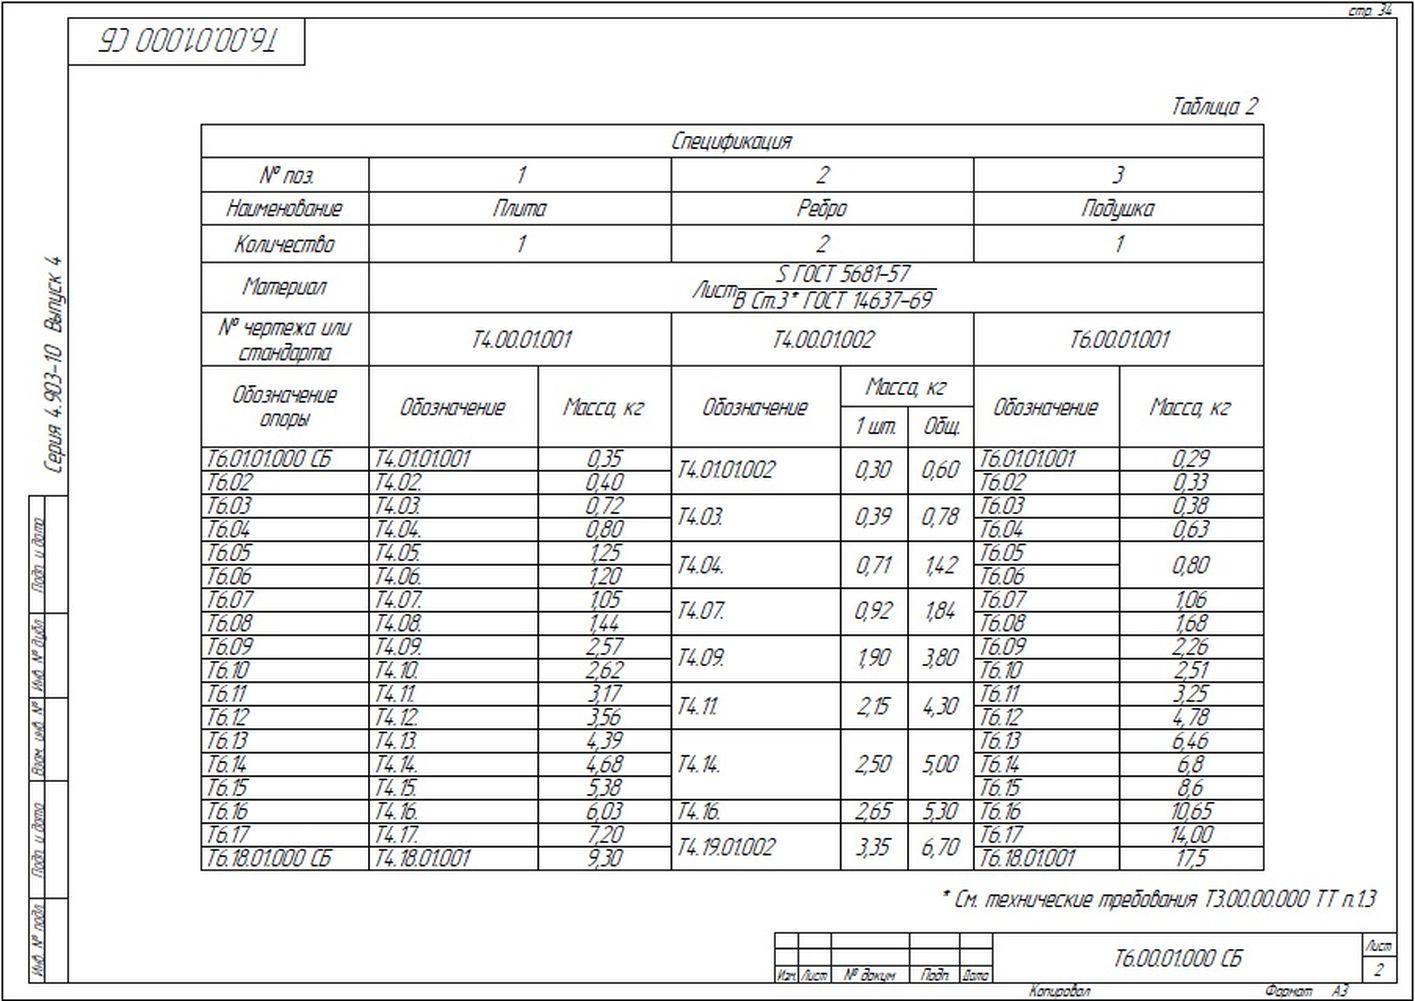 Опора неподвижная лобовая двухупорная усиленная Т6 серия 4.903-10 вып.4 стр.10